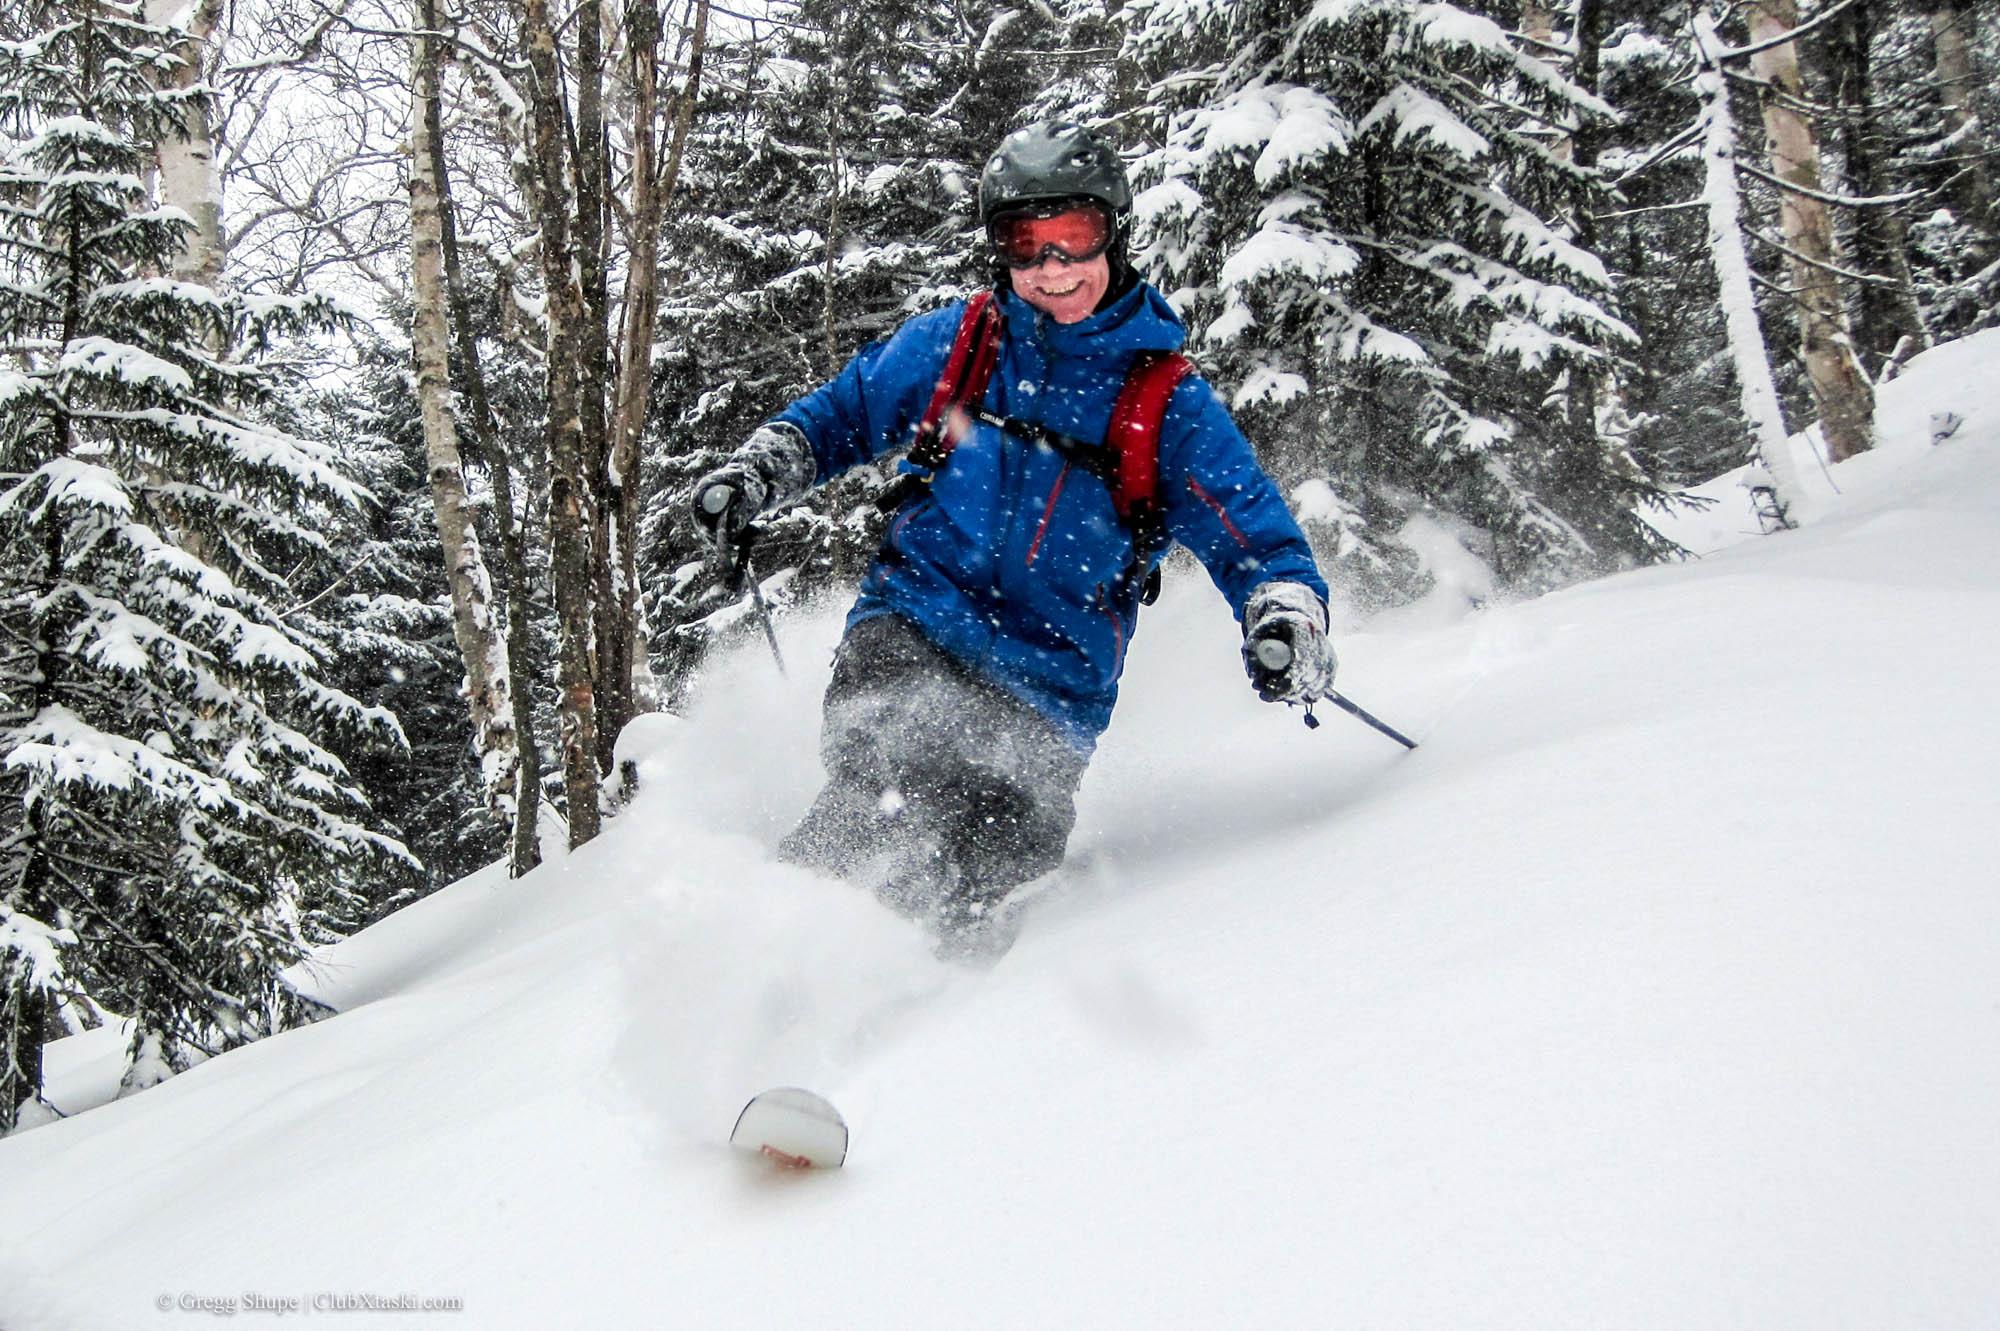 Jim Skiing Powder at Sugarbush